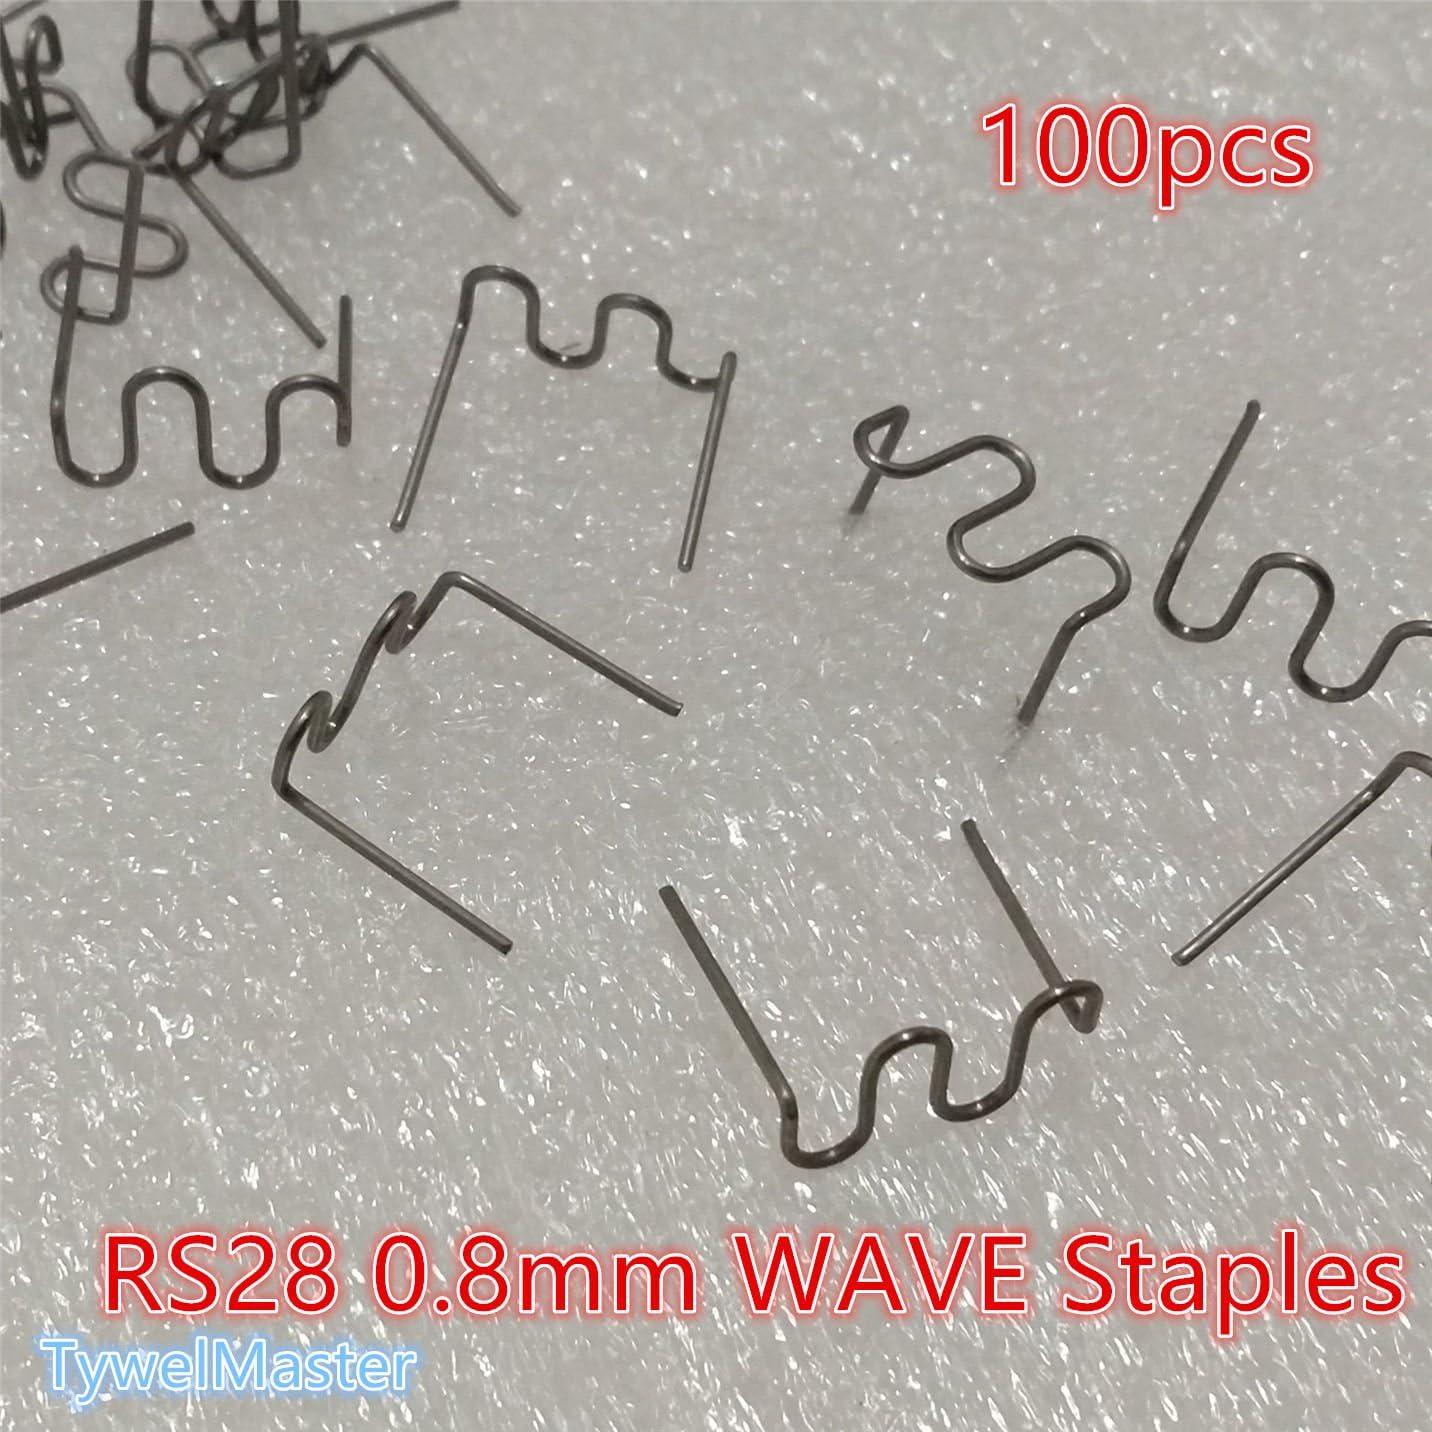 RS18-0,8 mm Agrafes chaudes pour agrafeuse /à chaud en plastique Bumper Carrosserie R/éparation Acier Inoxydable Traitement Pr/éd/écoup/é 6 types disponibles 100 agrafes semi-ondul/ées hot staplers